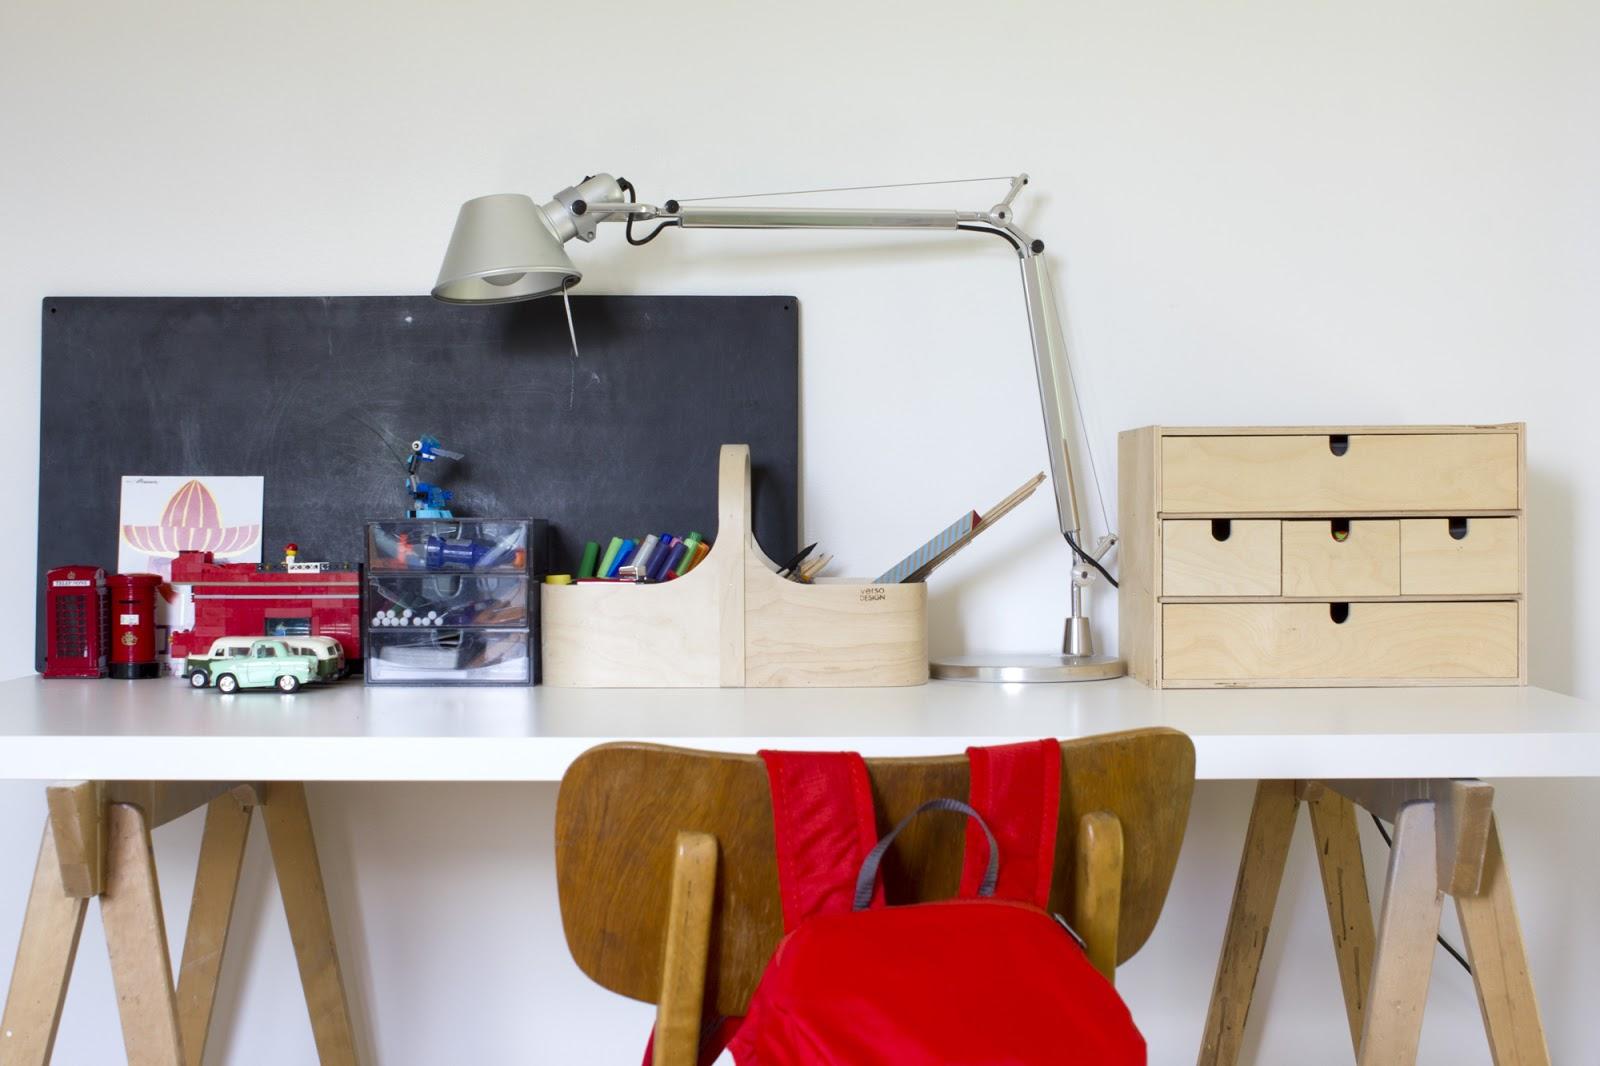 Lastenhuoneen koululaisen pöytä